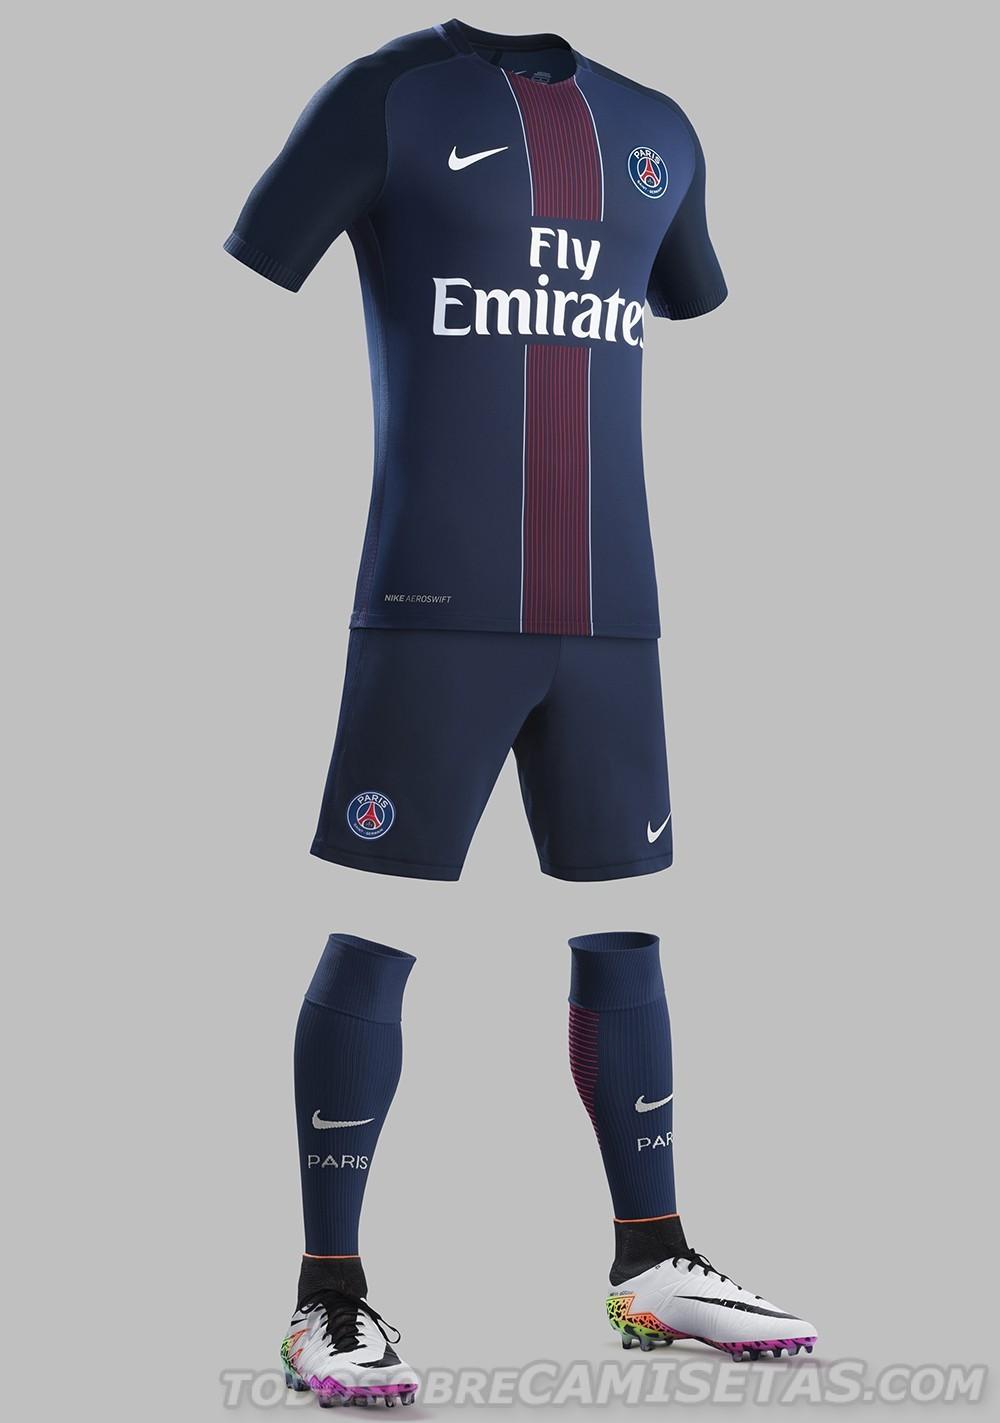 Paris-Saint-Germain-2016-17-NIKE-new-home-kit-3.jpg